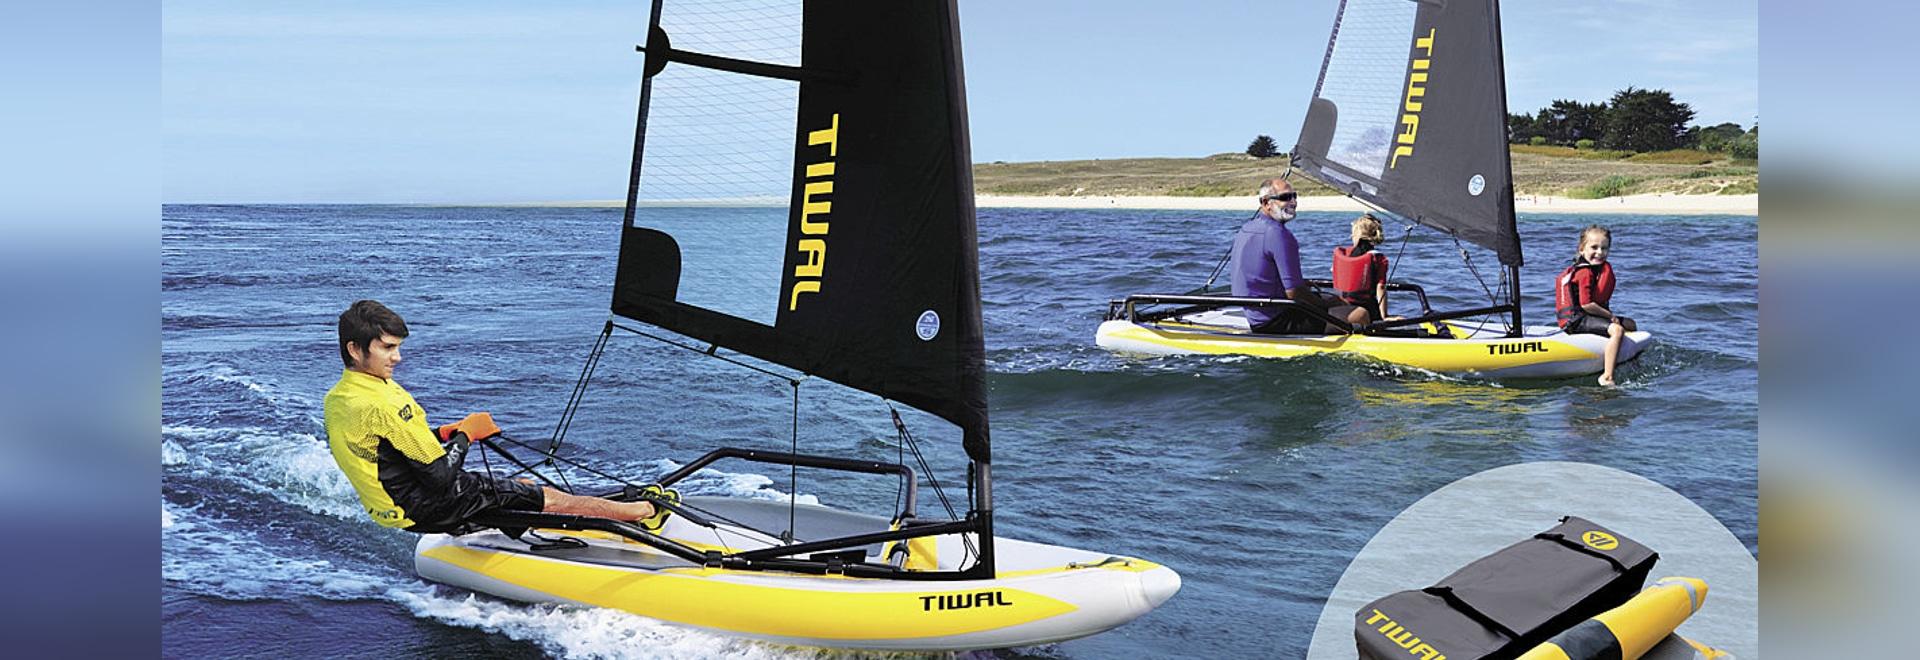 TIWAL 3.2, primo battello pneumatico gonfiabile di navigazione di rendimento elevato